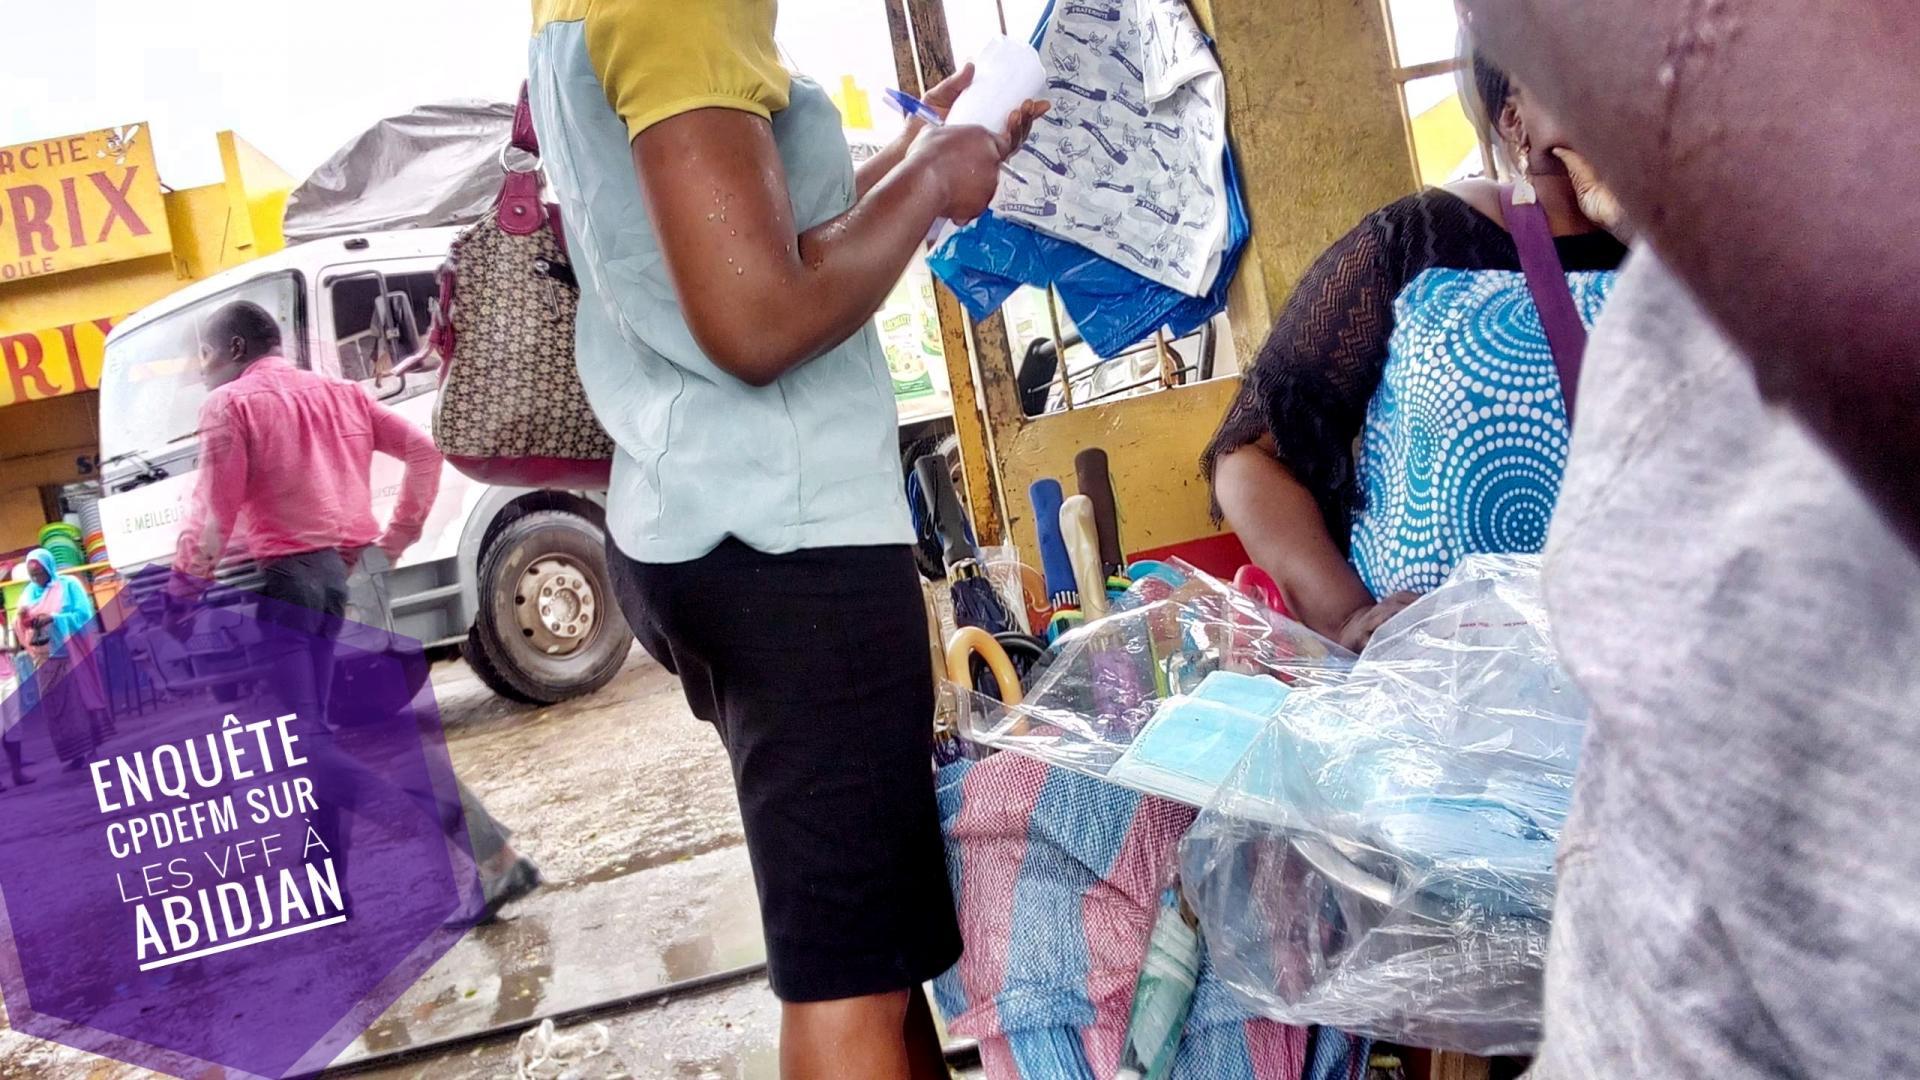 Enquête sur les VFF à Abidjan en lien avec la COVID-19